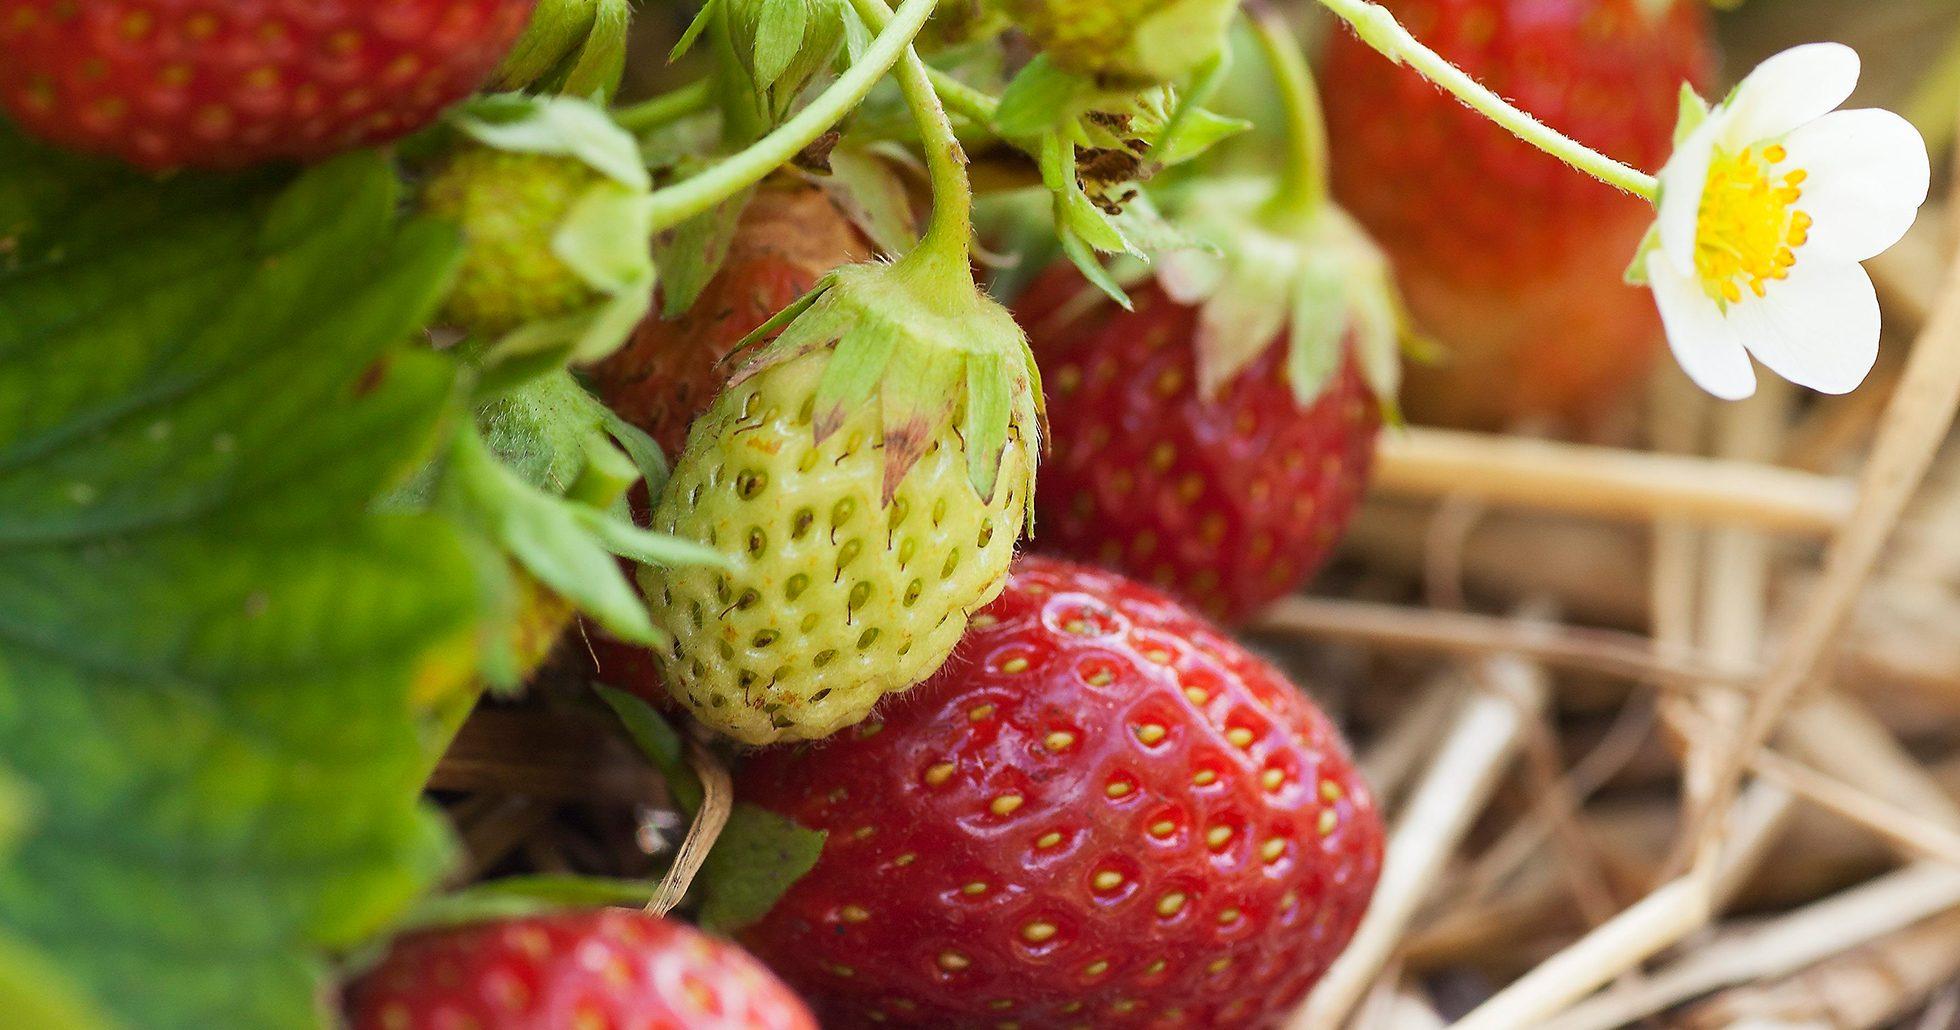 Jordgubbar på en jordgubbsplanta